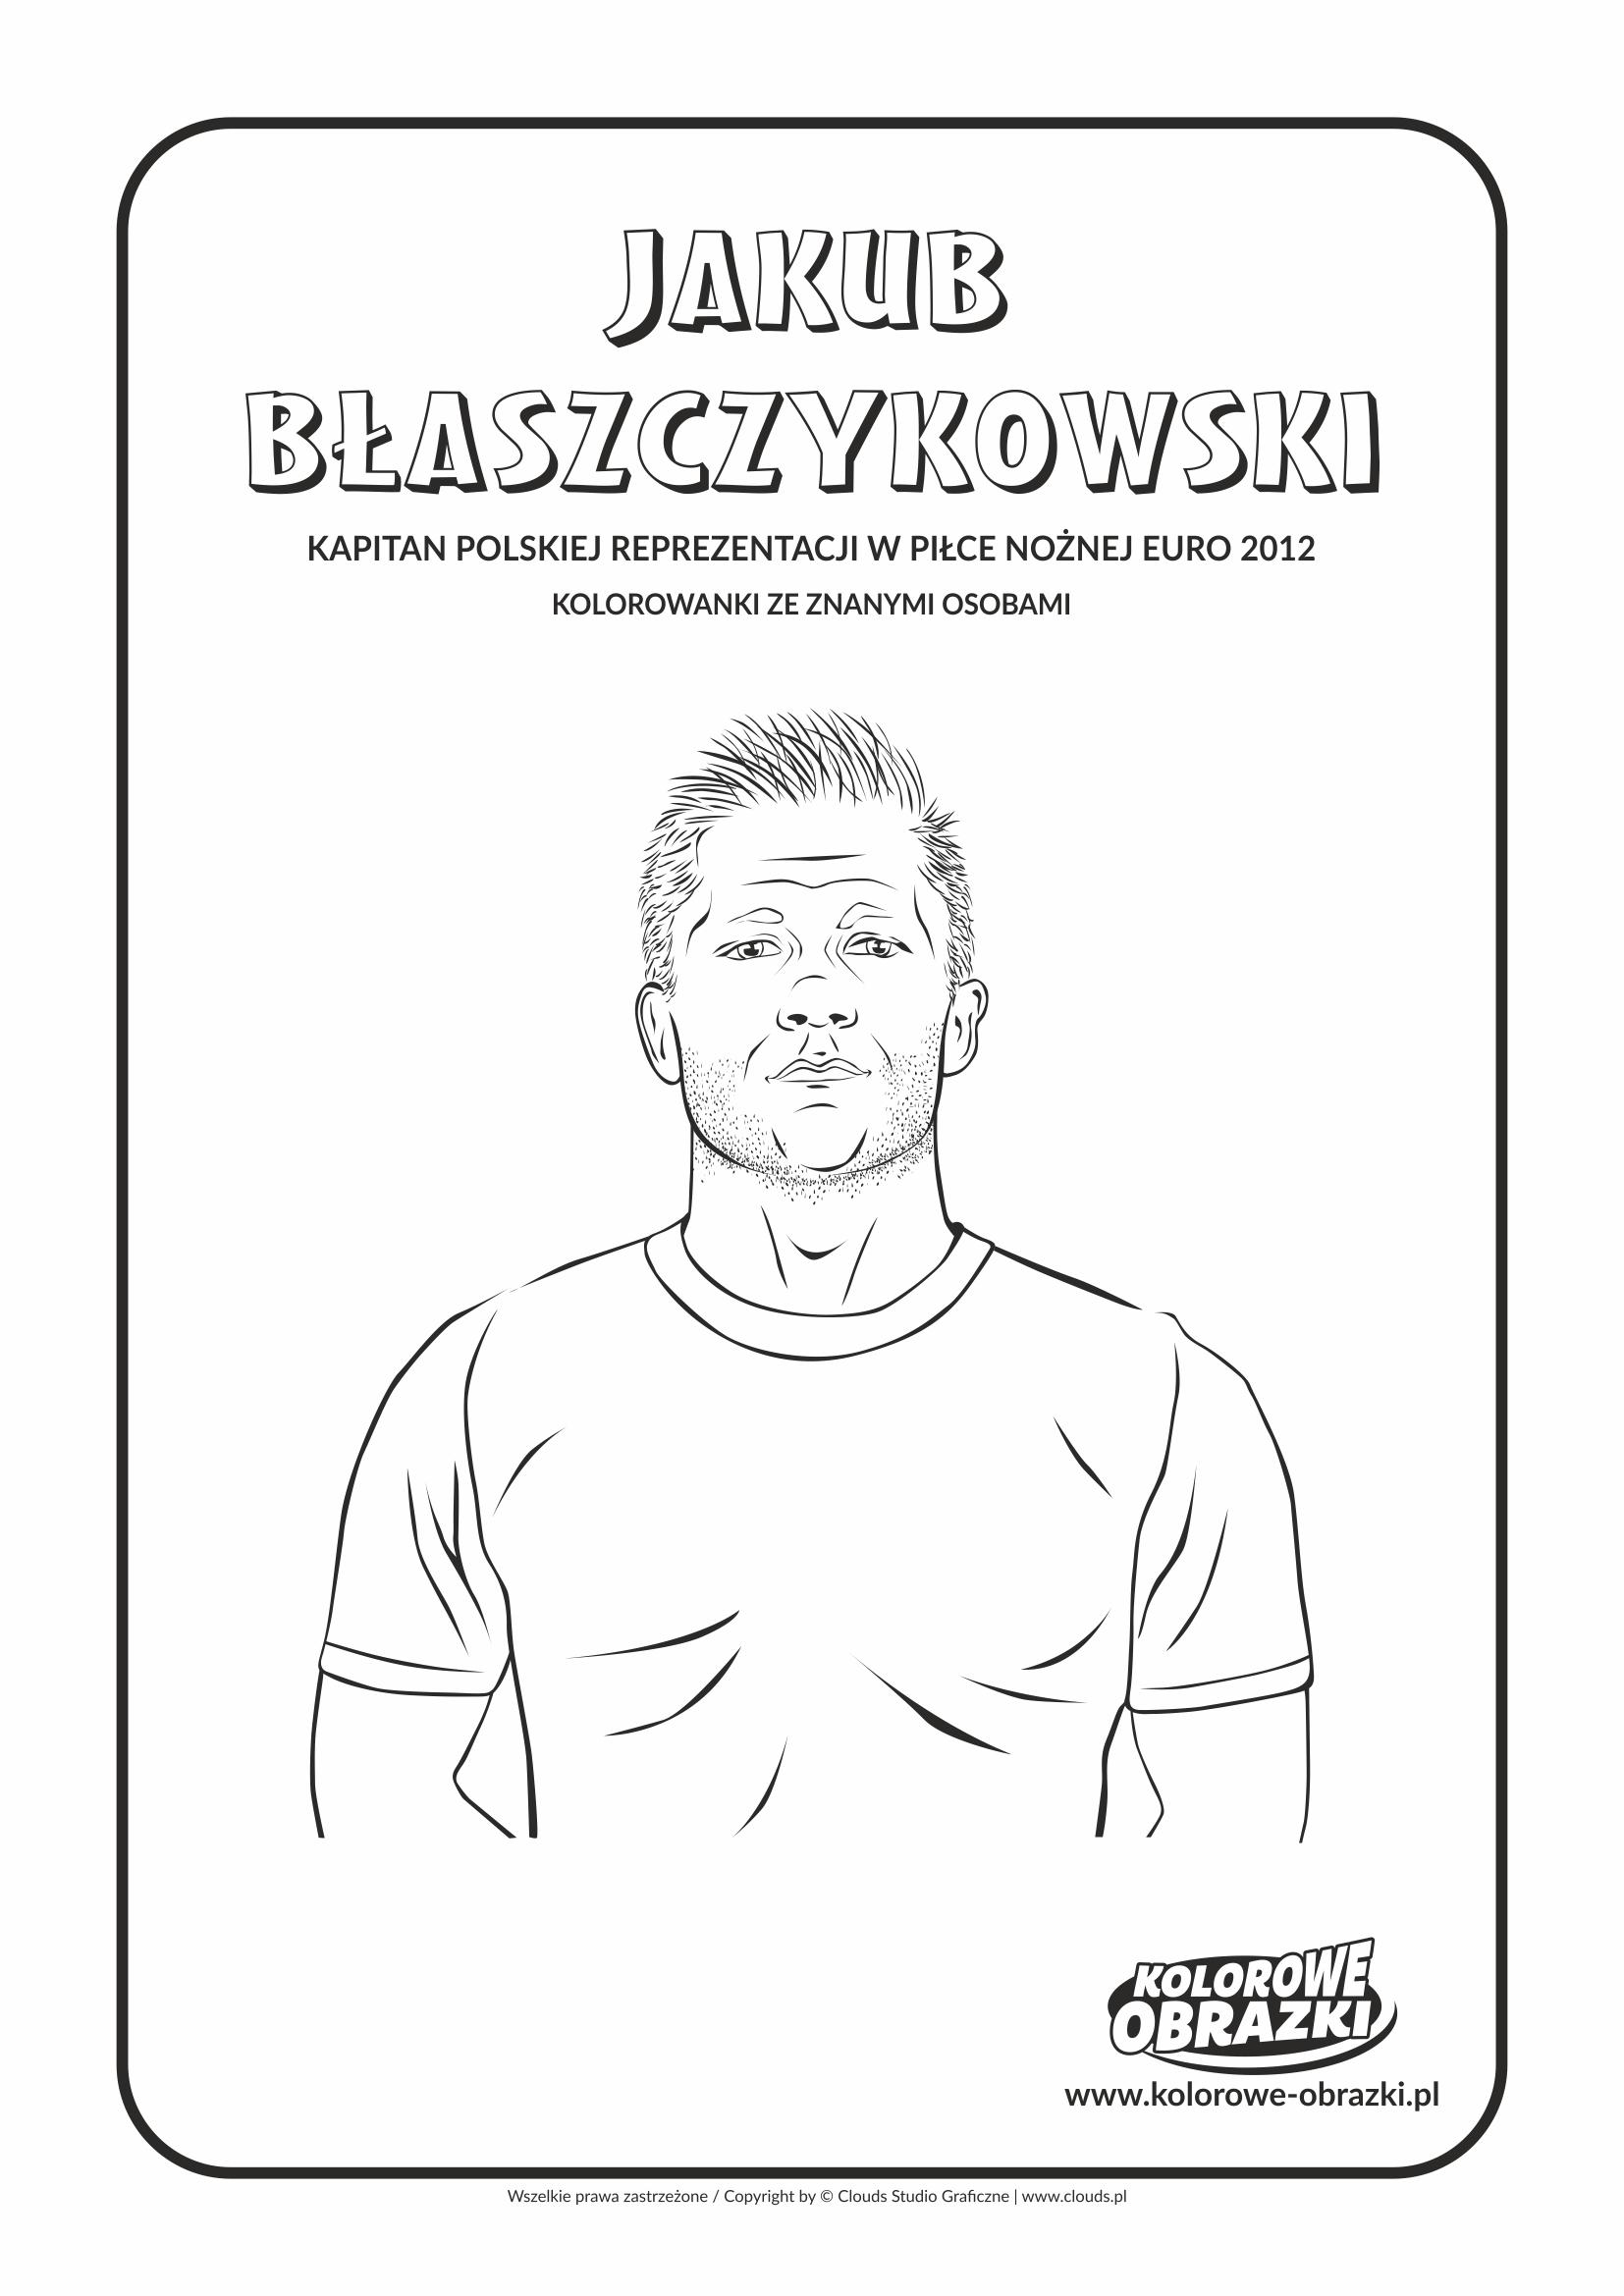 Kolorowanki dla dzieci - Znane osoby / Jakub Błaszczykowski. Kolorowanka z Jakubem Błaszczykowskim